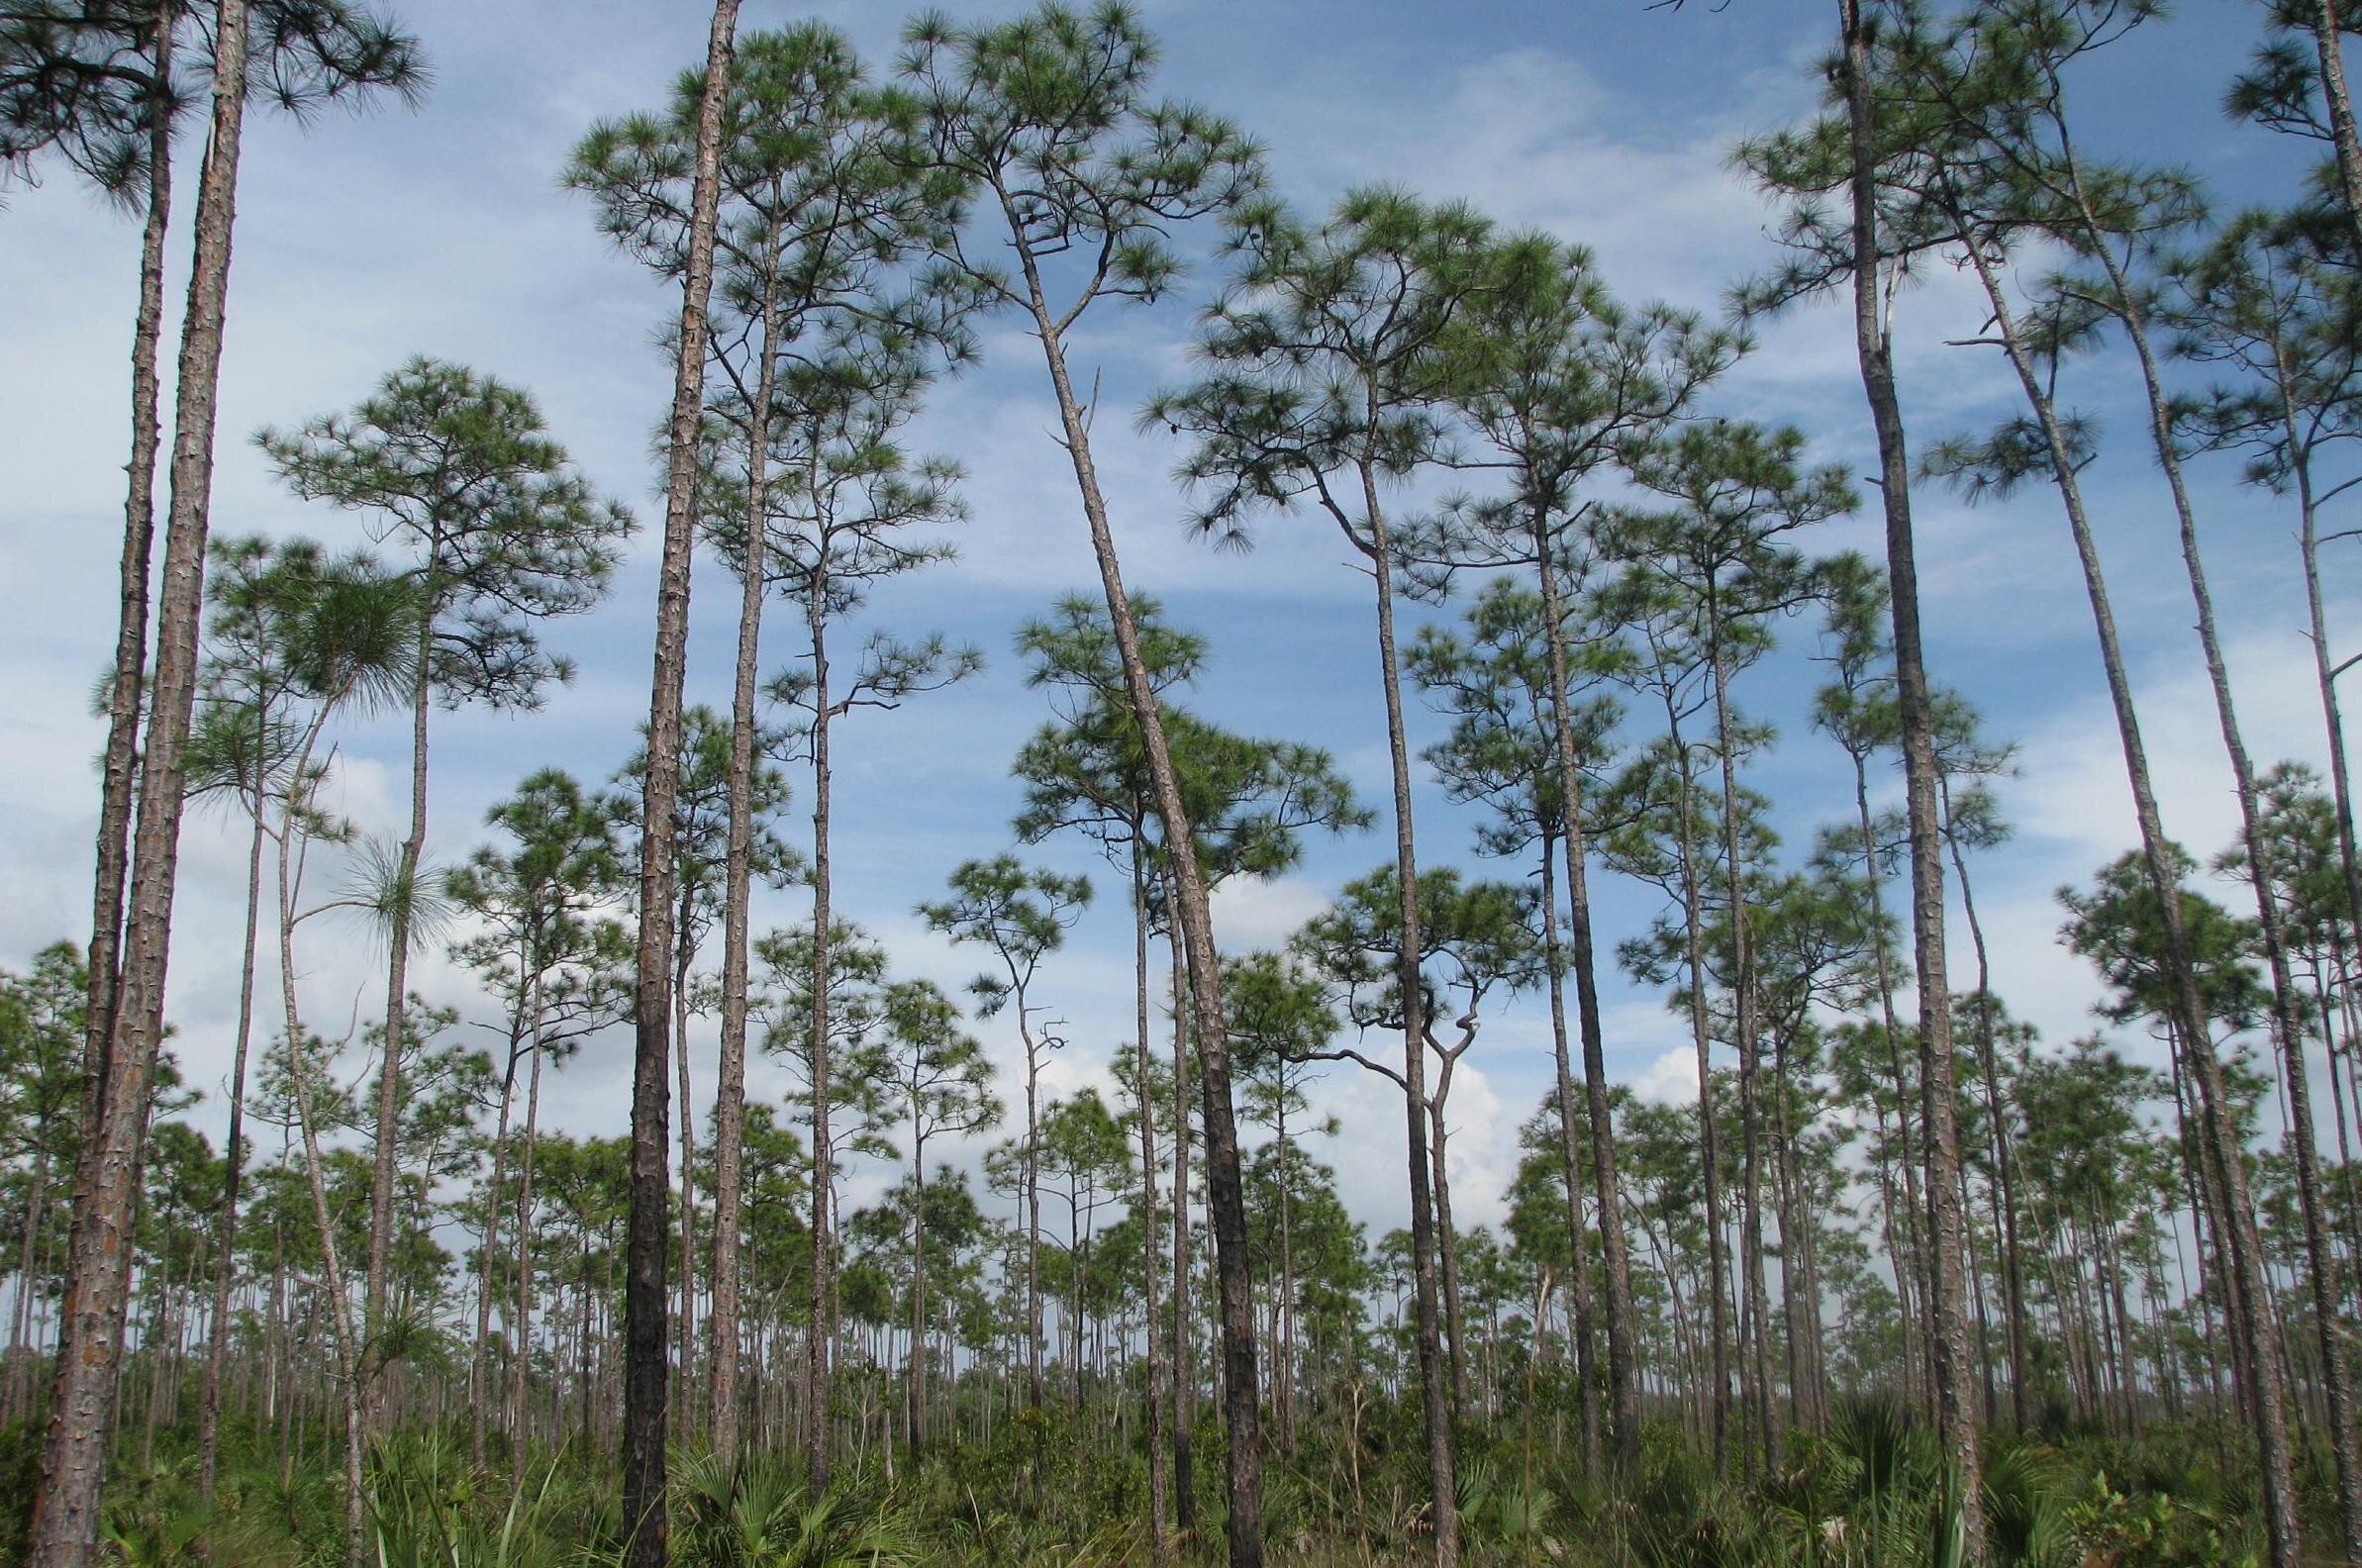 Miami Everglades National Park